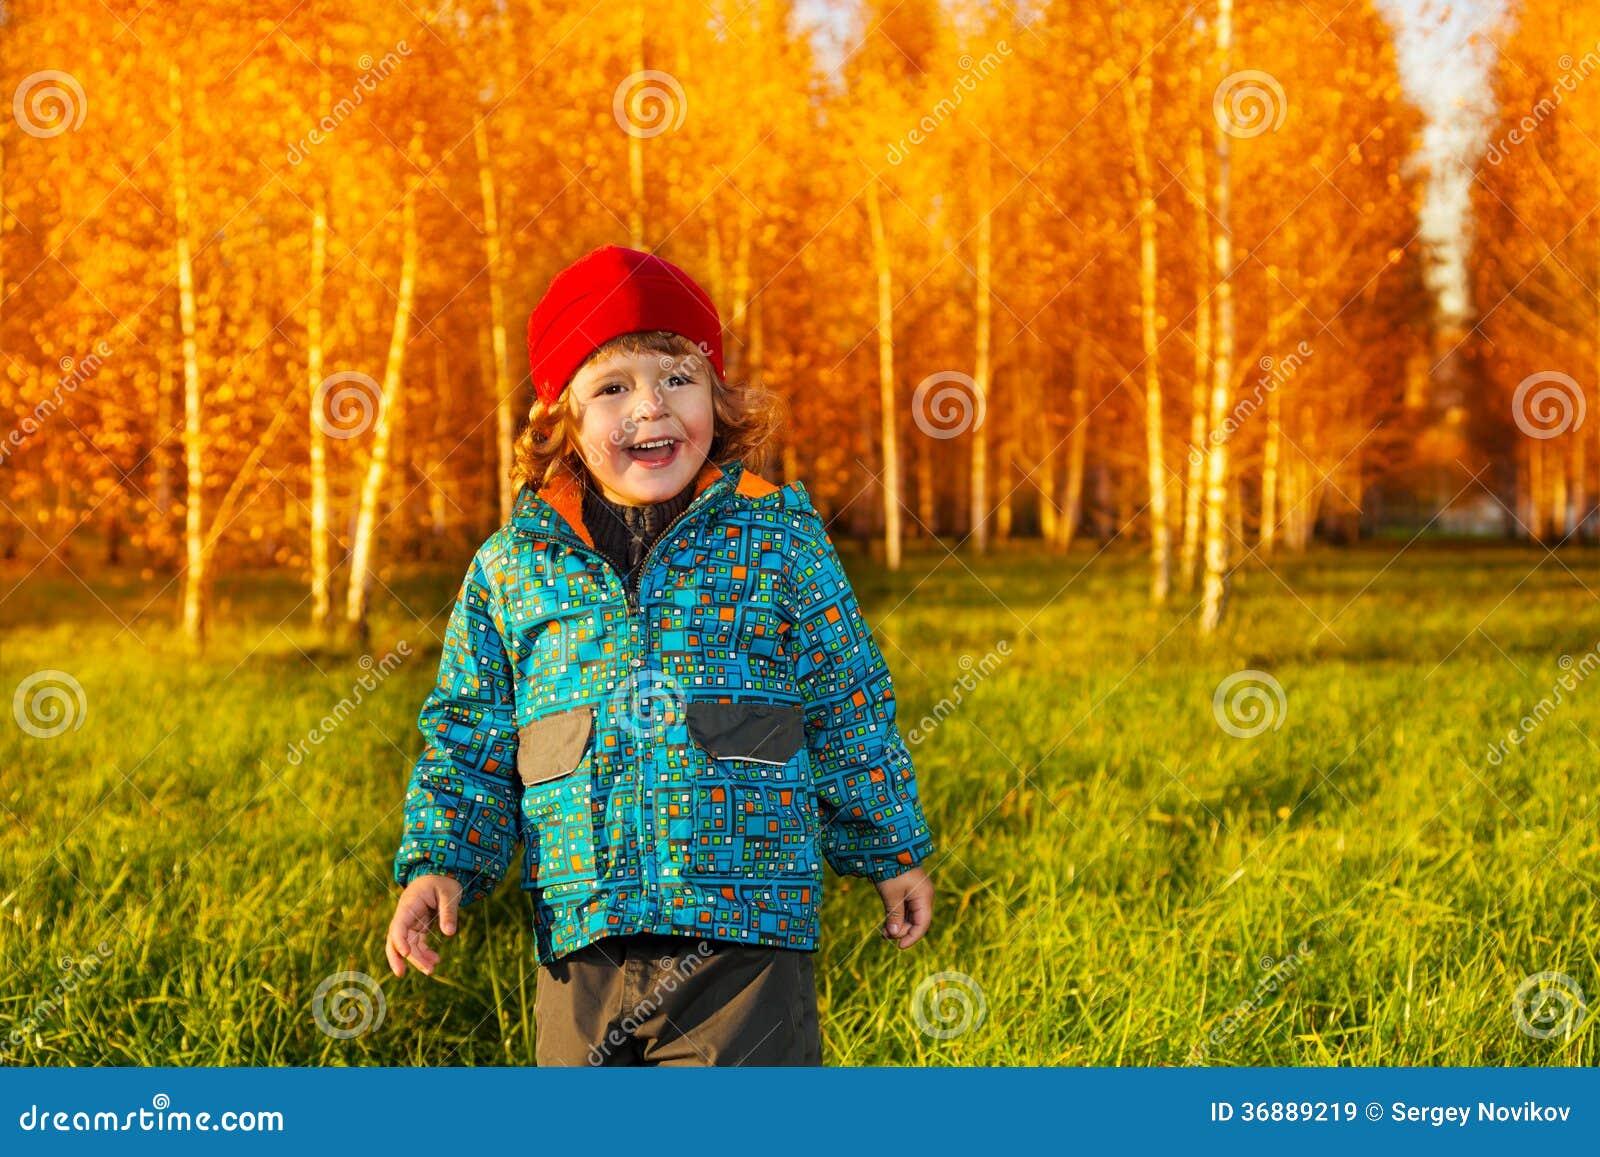 Download Ragazzino Di Risata Nel Parco Immagine Stock - Immagine di infanzia, autunno: 36889219